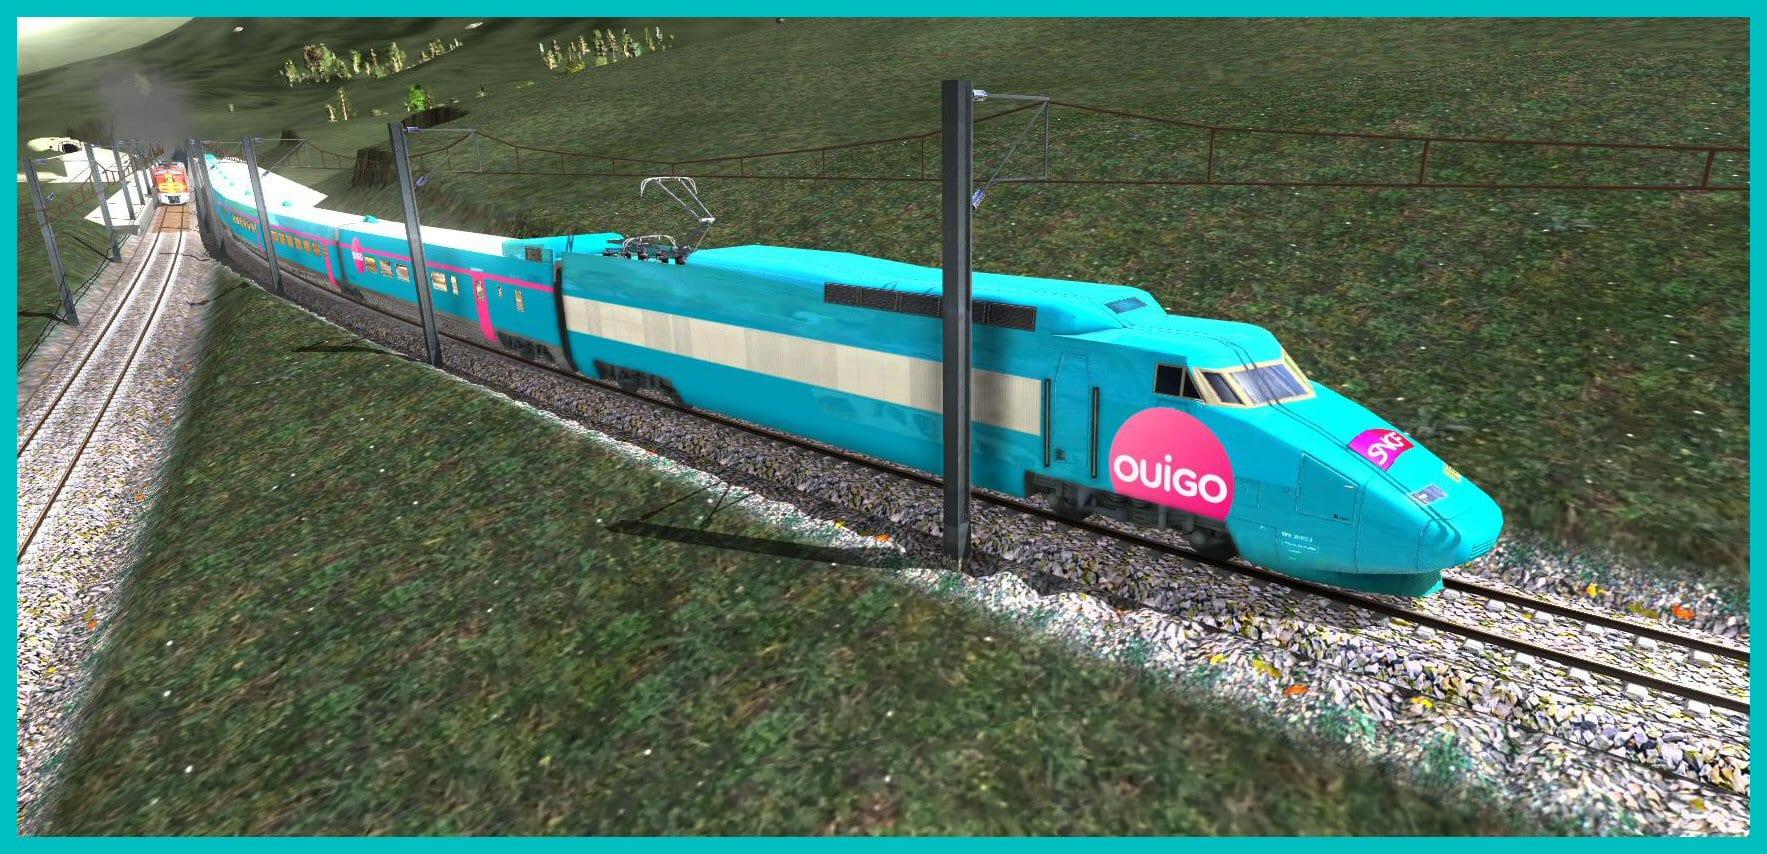 Pack Ouigo Amp Idbus Downloads Train Fever Transport